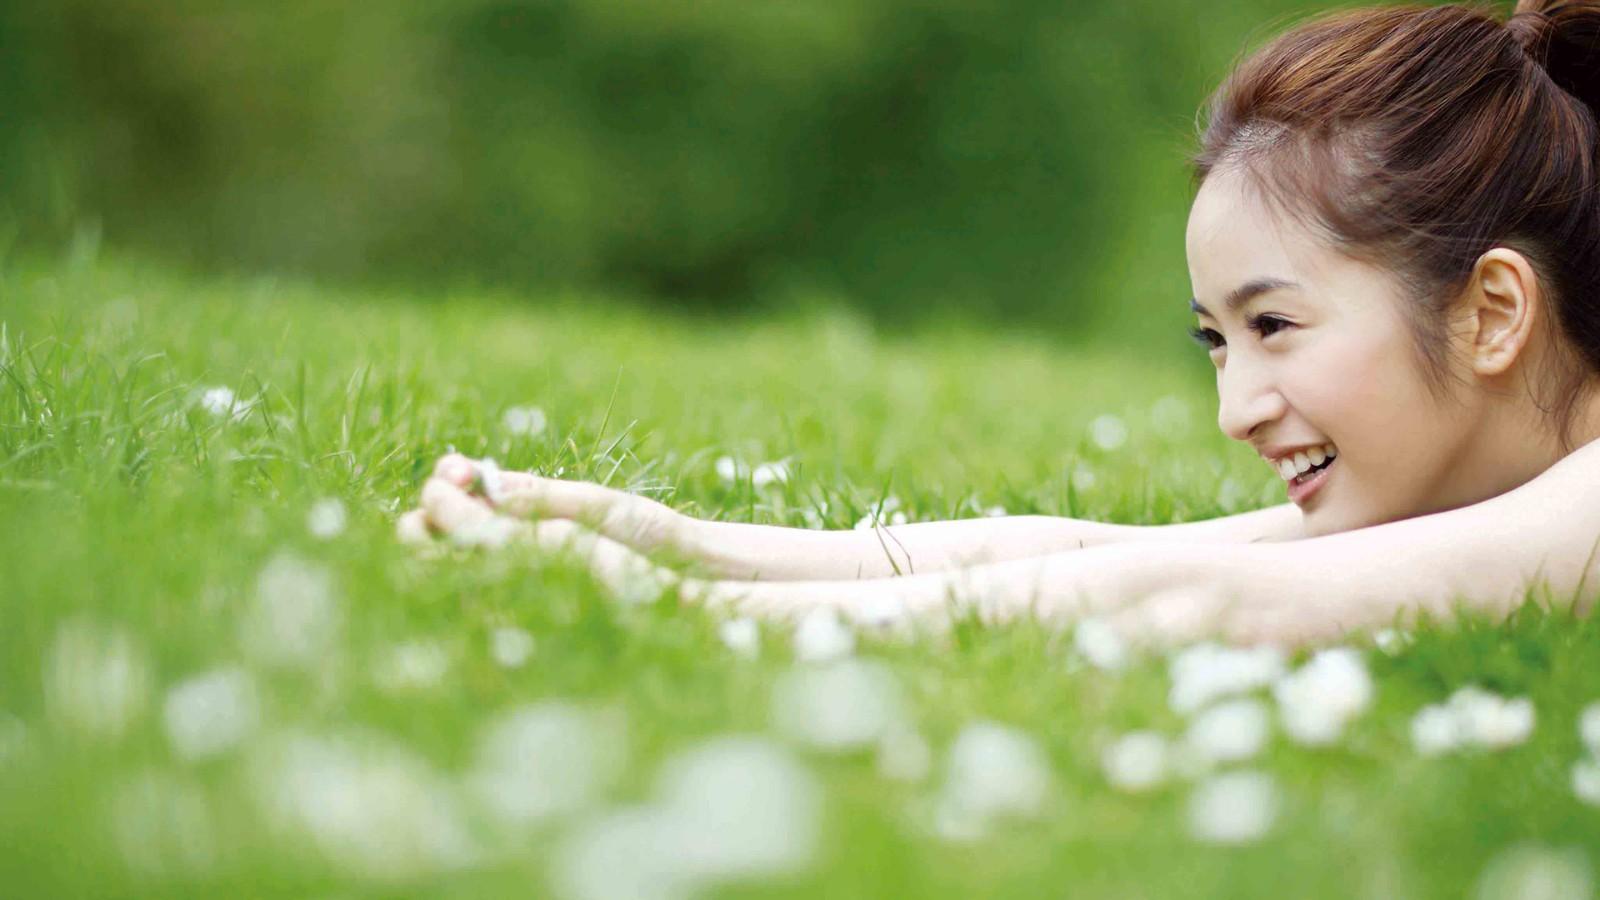 甜美美女,阳光萌妹子,绿草地,森女,森女系,开心,美女壁纸